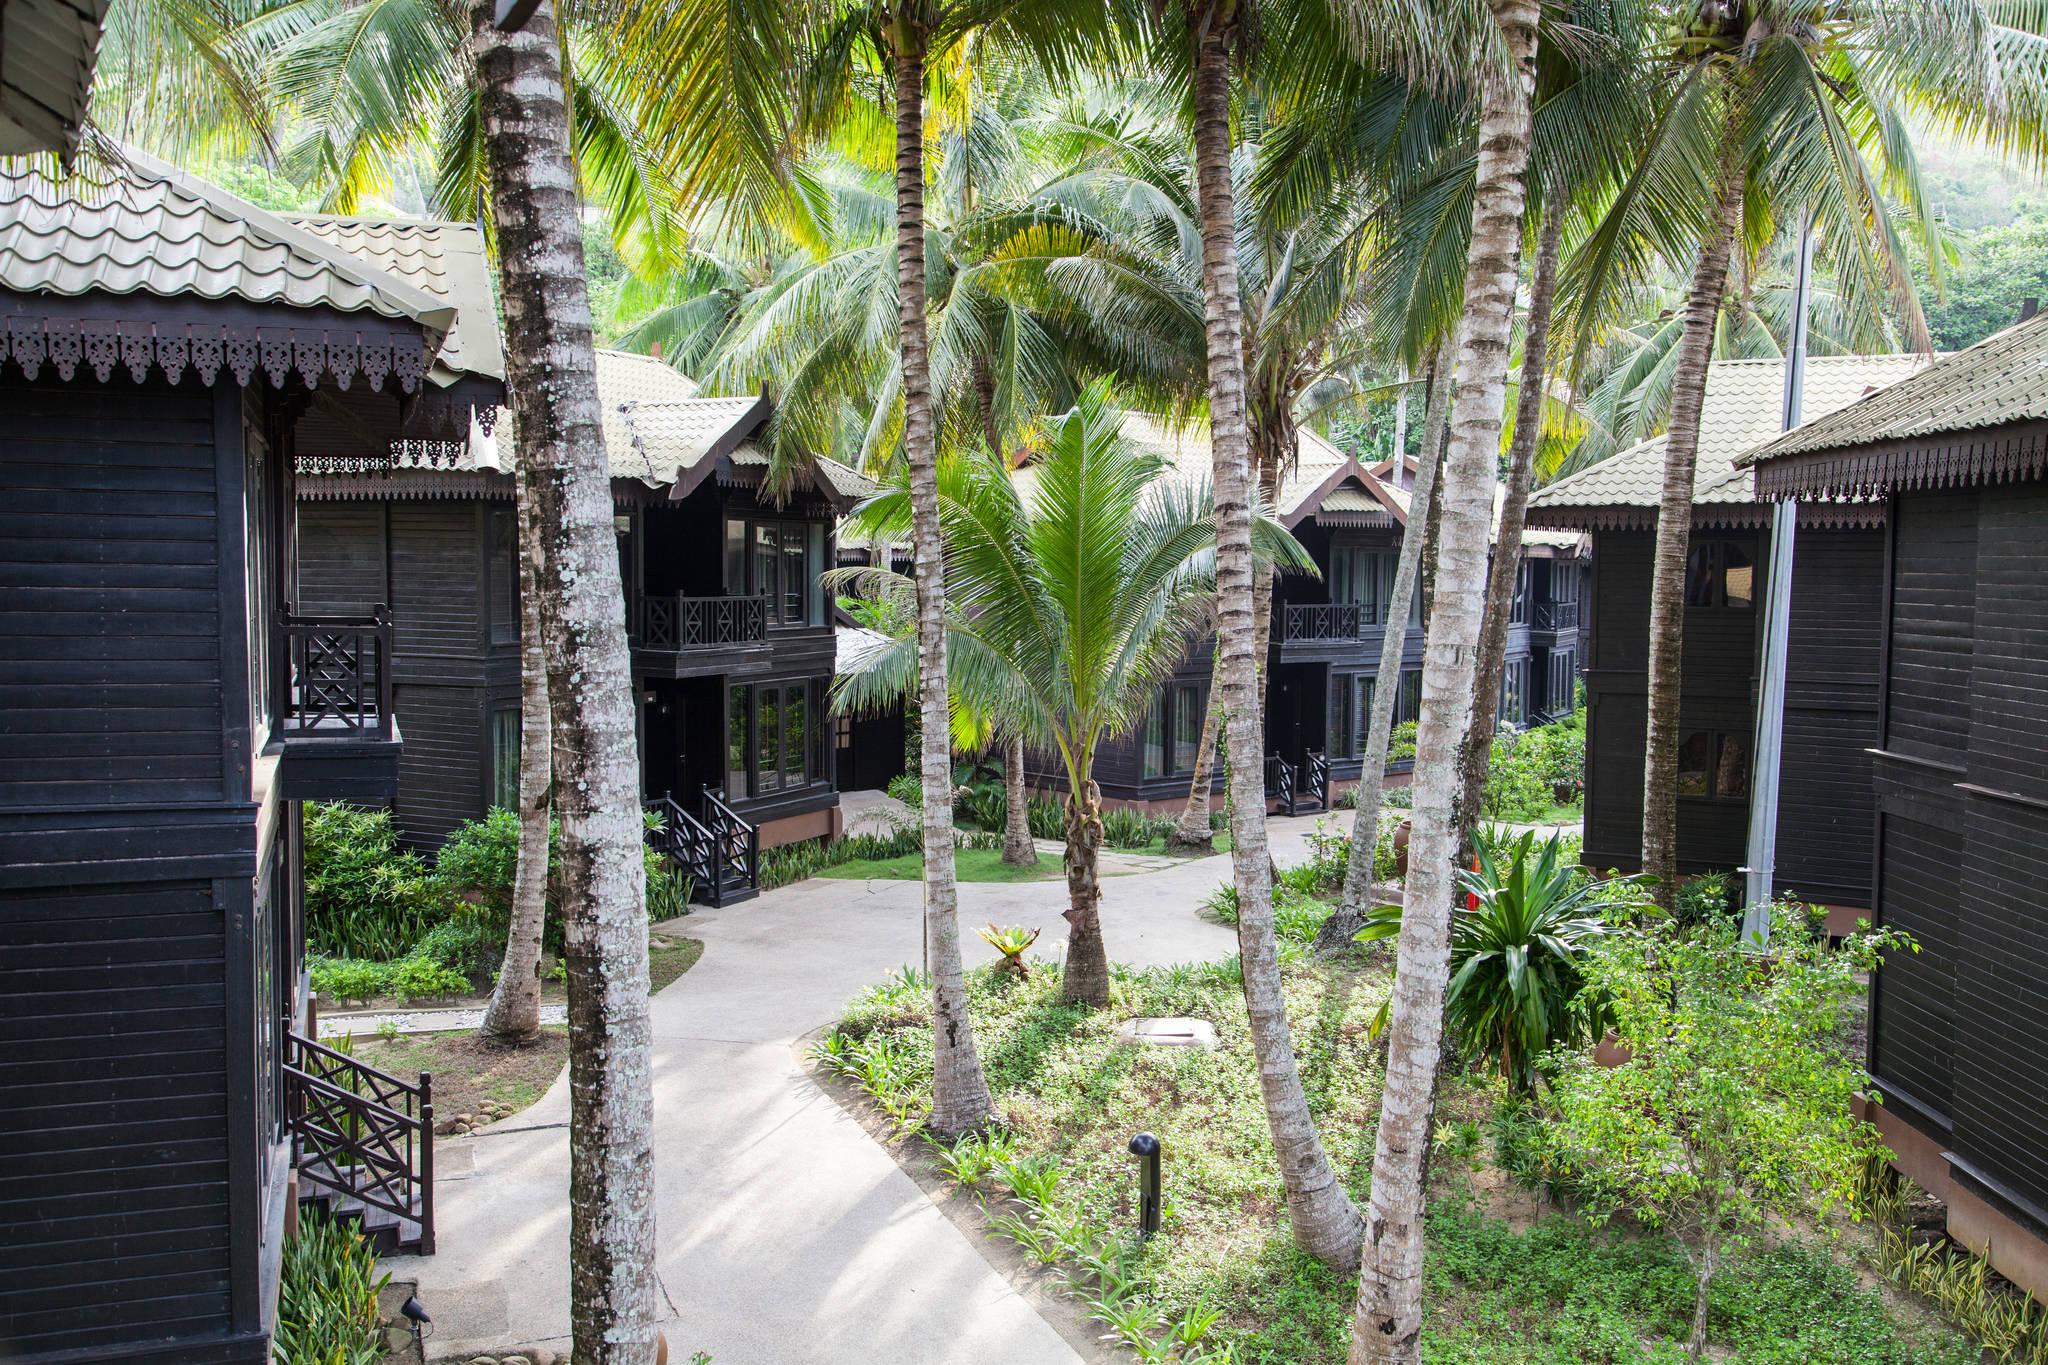 타라스 리조트는 르당 섬에서 최고급 숙소로 꼽힌다.